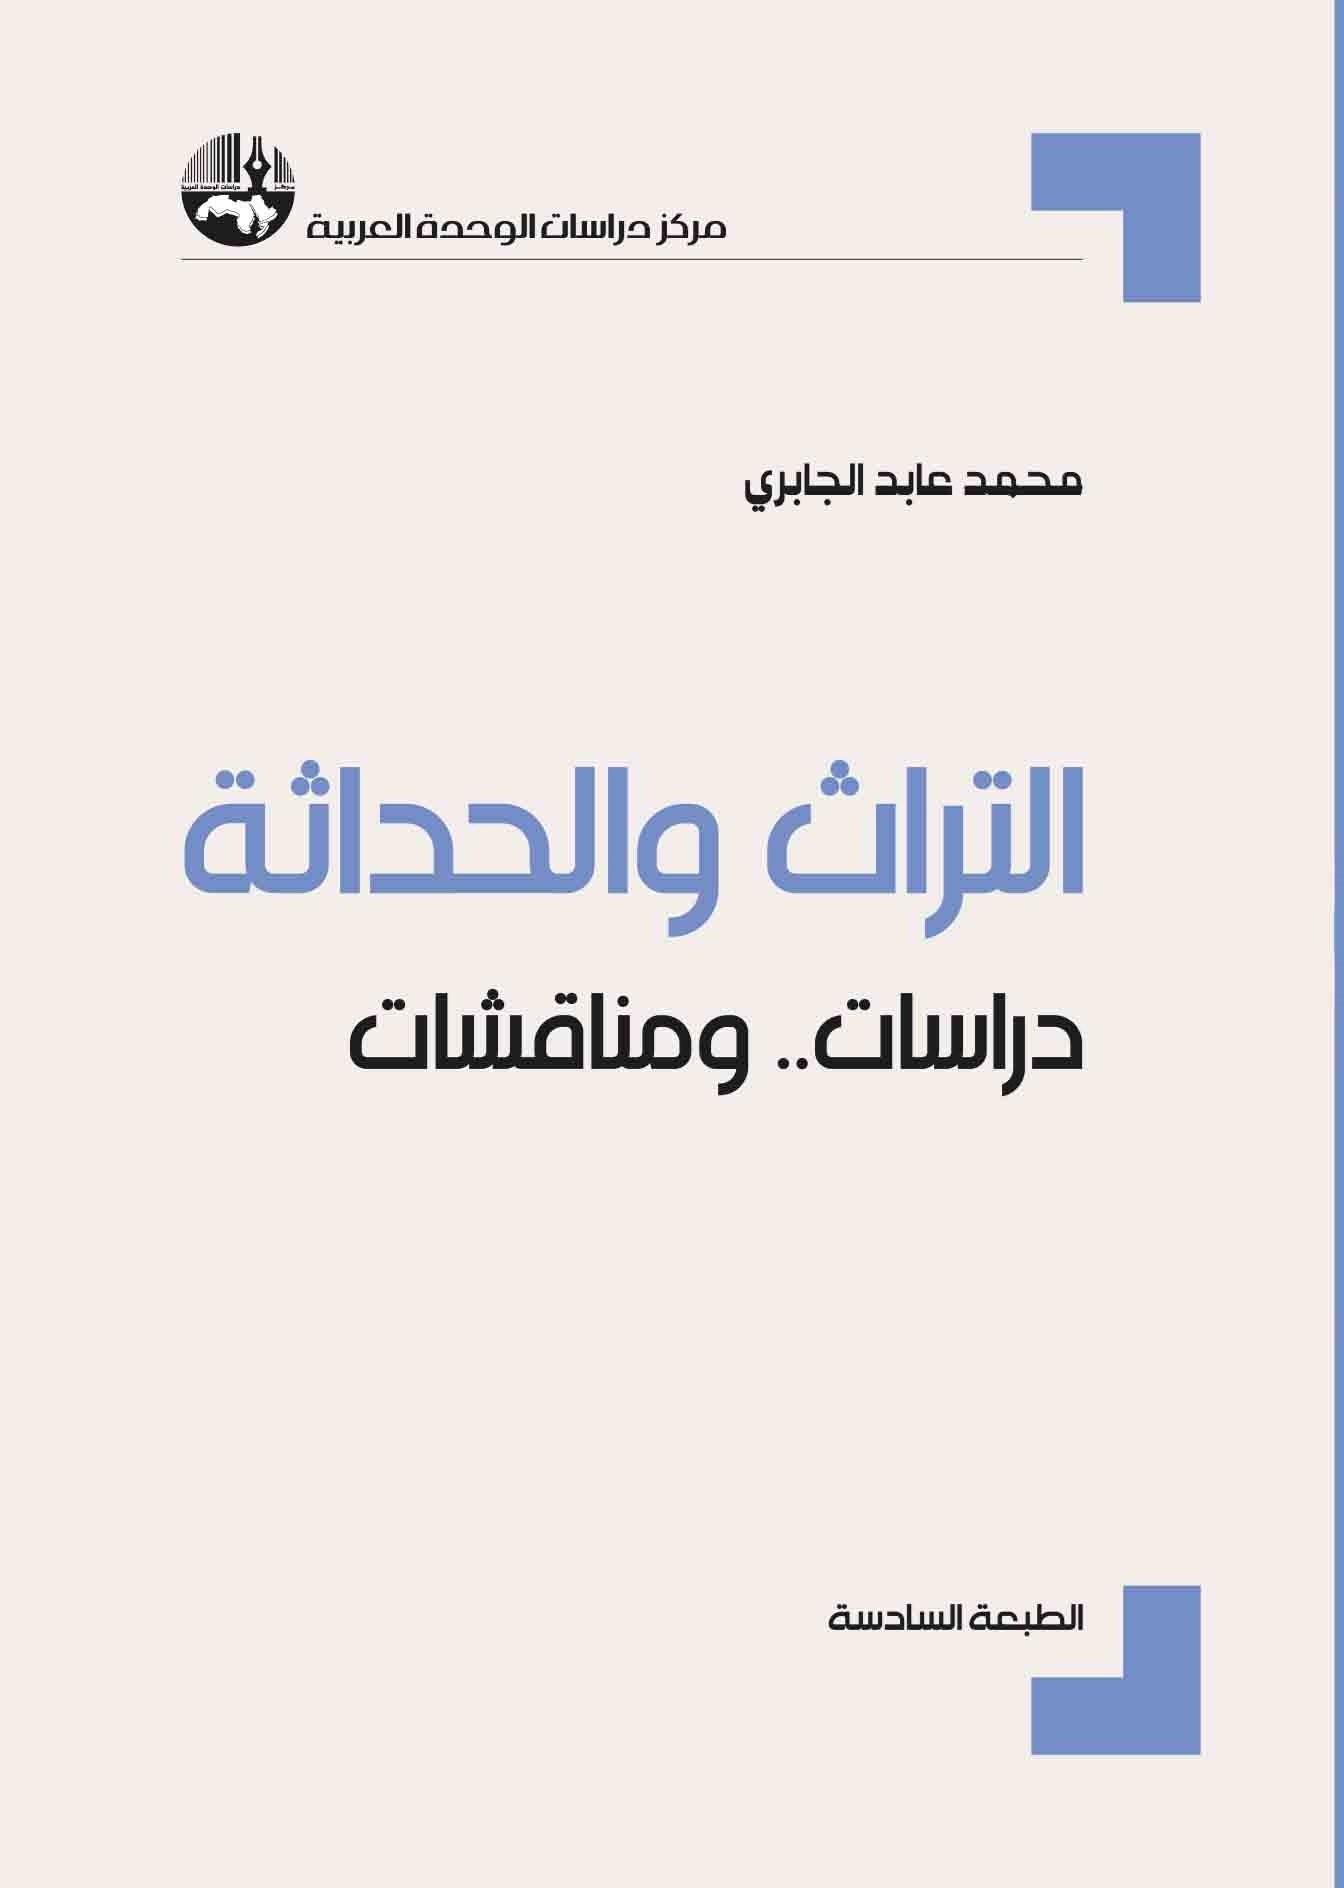 """كتاب """"التراث والحداثة"""" للدكتور محمد عابد الجابري"""